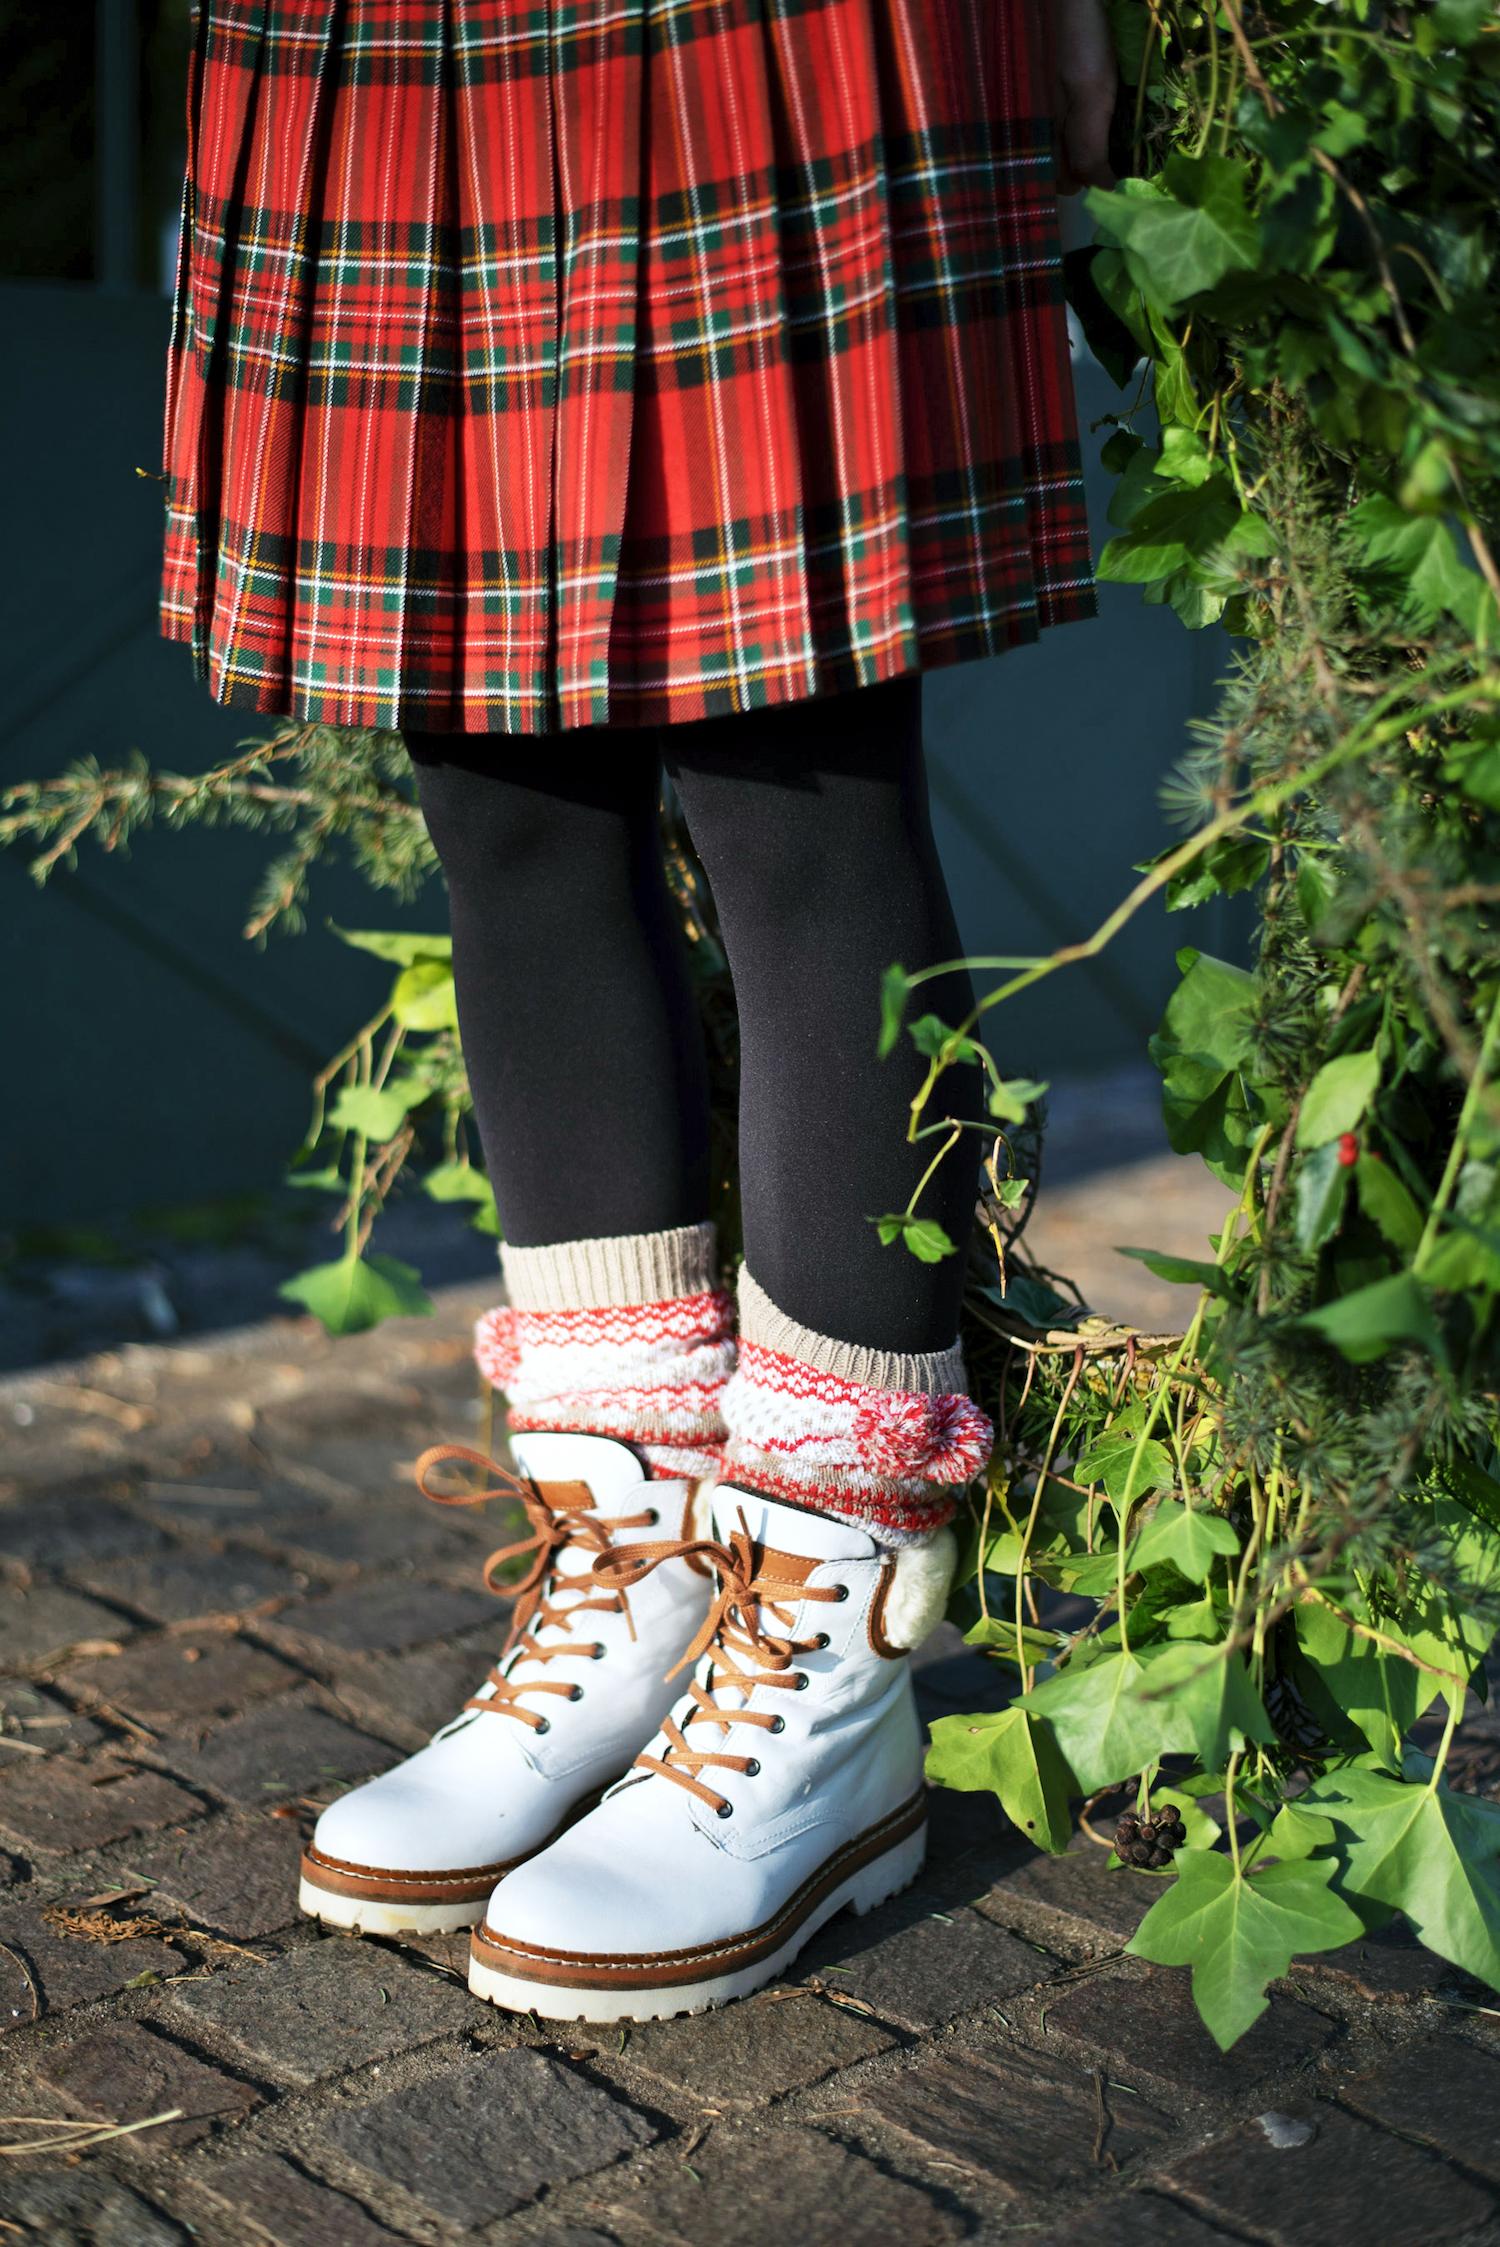 trajnostna slovenska moda karo gardenia beautyfull blog trajnostna slovenska moda gardenia beautyfull blog mass cevlji